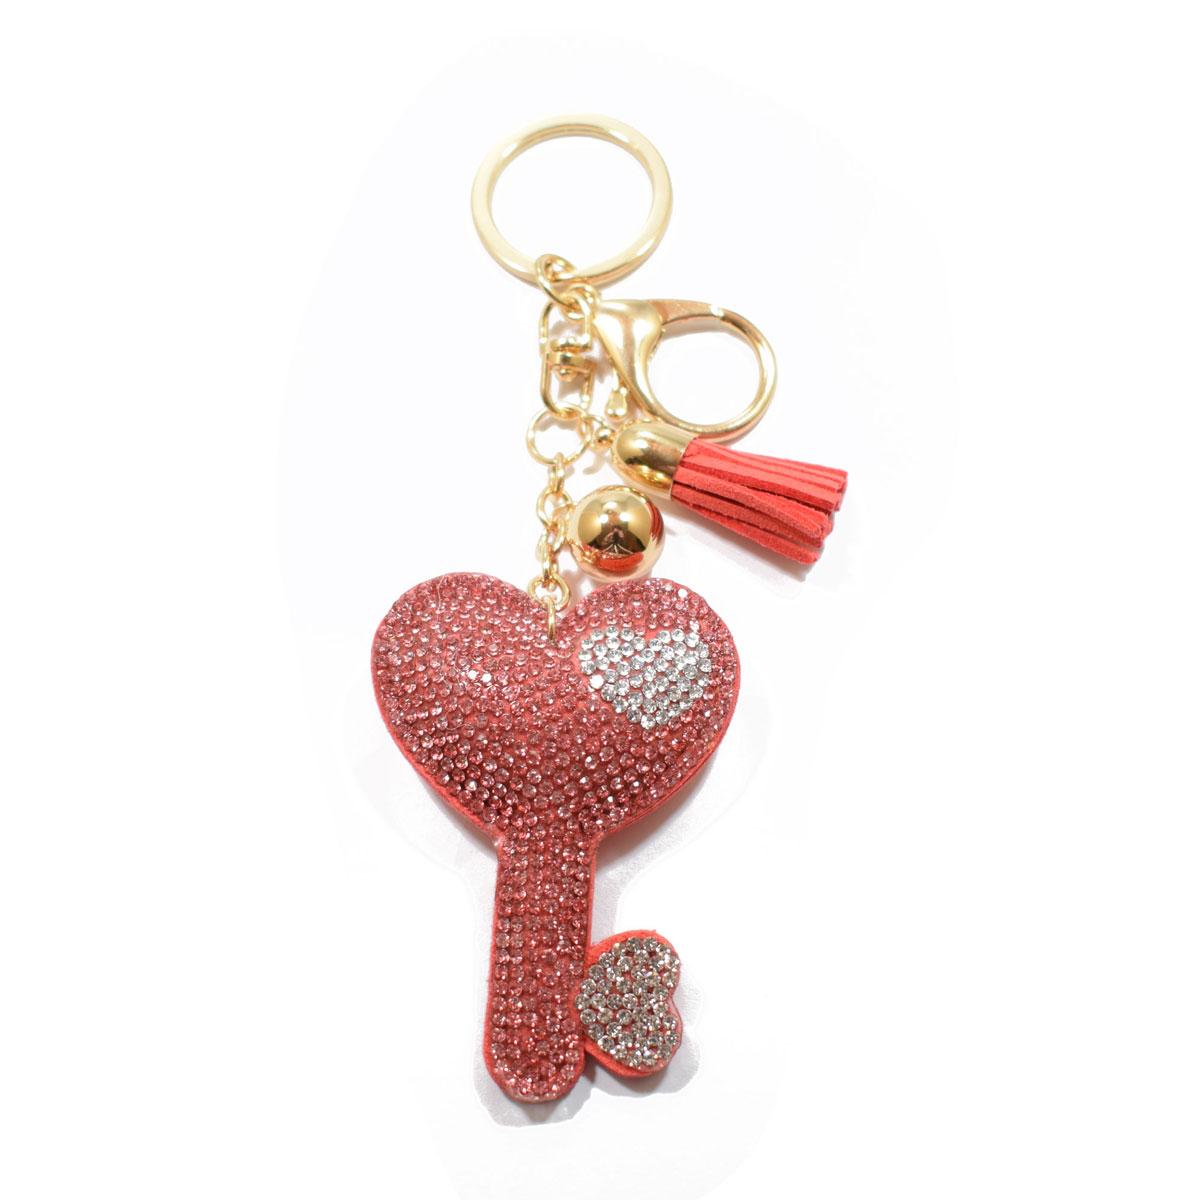 Μπρελόκ φο μπιζού (faux bijoux) κλειδί σε ροδί χρώμα με κρυστάλλους  (BZ-KC-00006) 51c5a1f5b7d